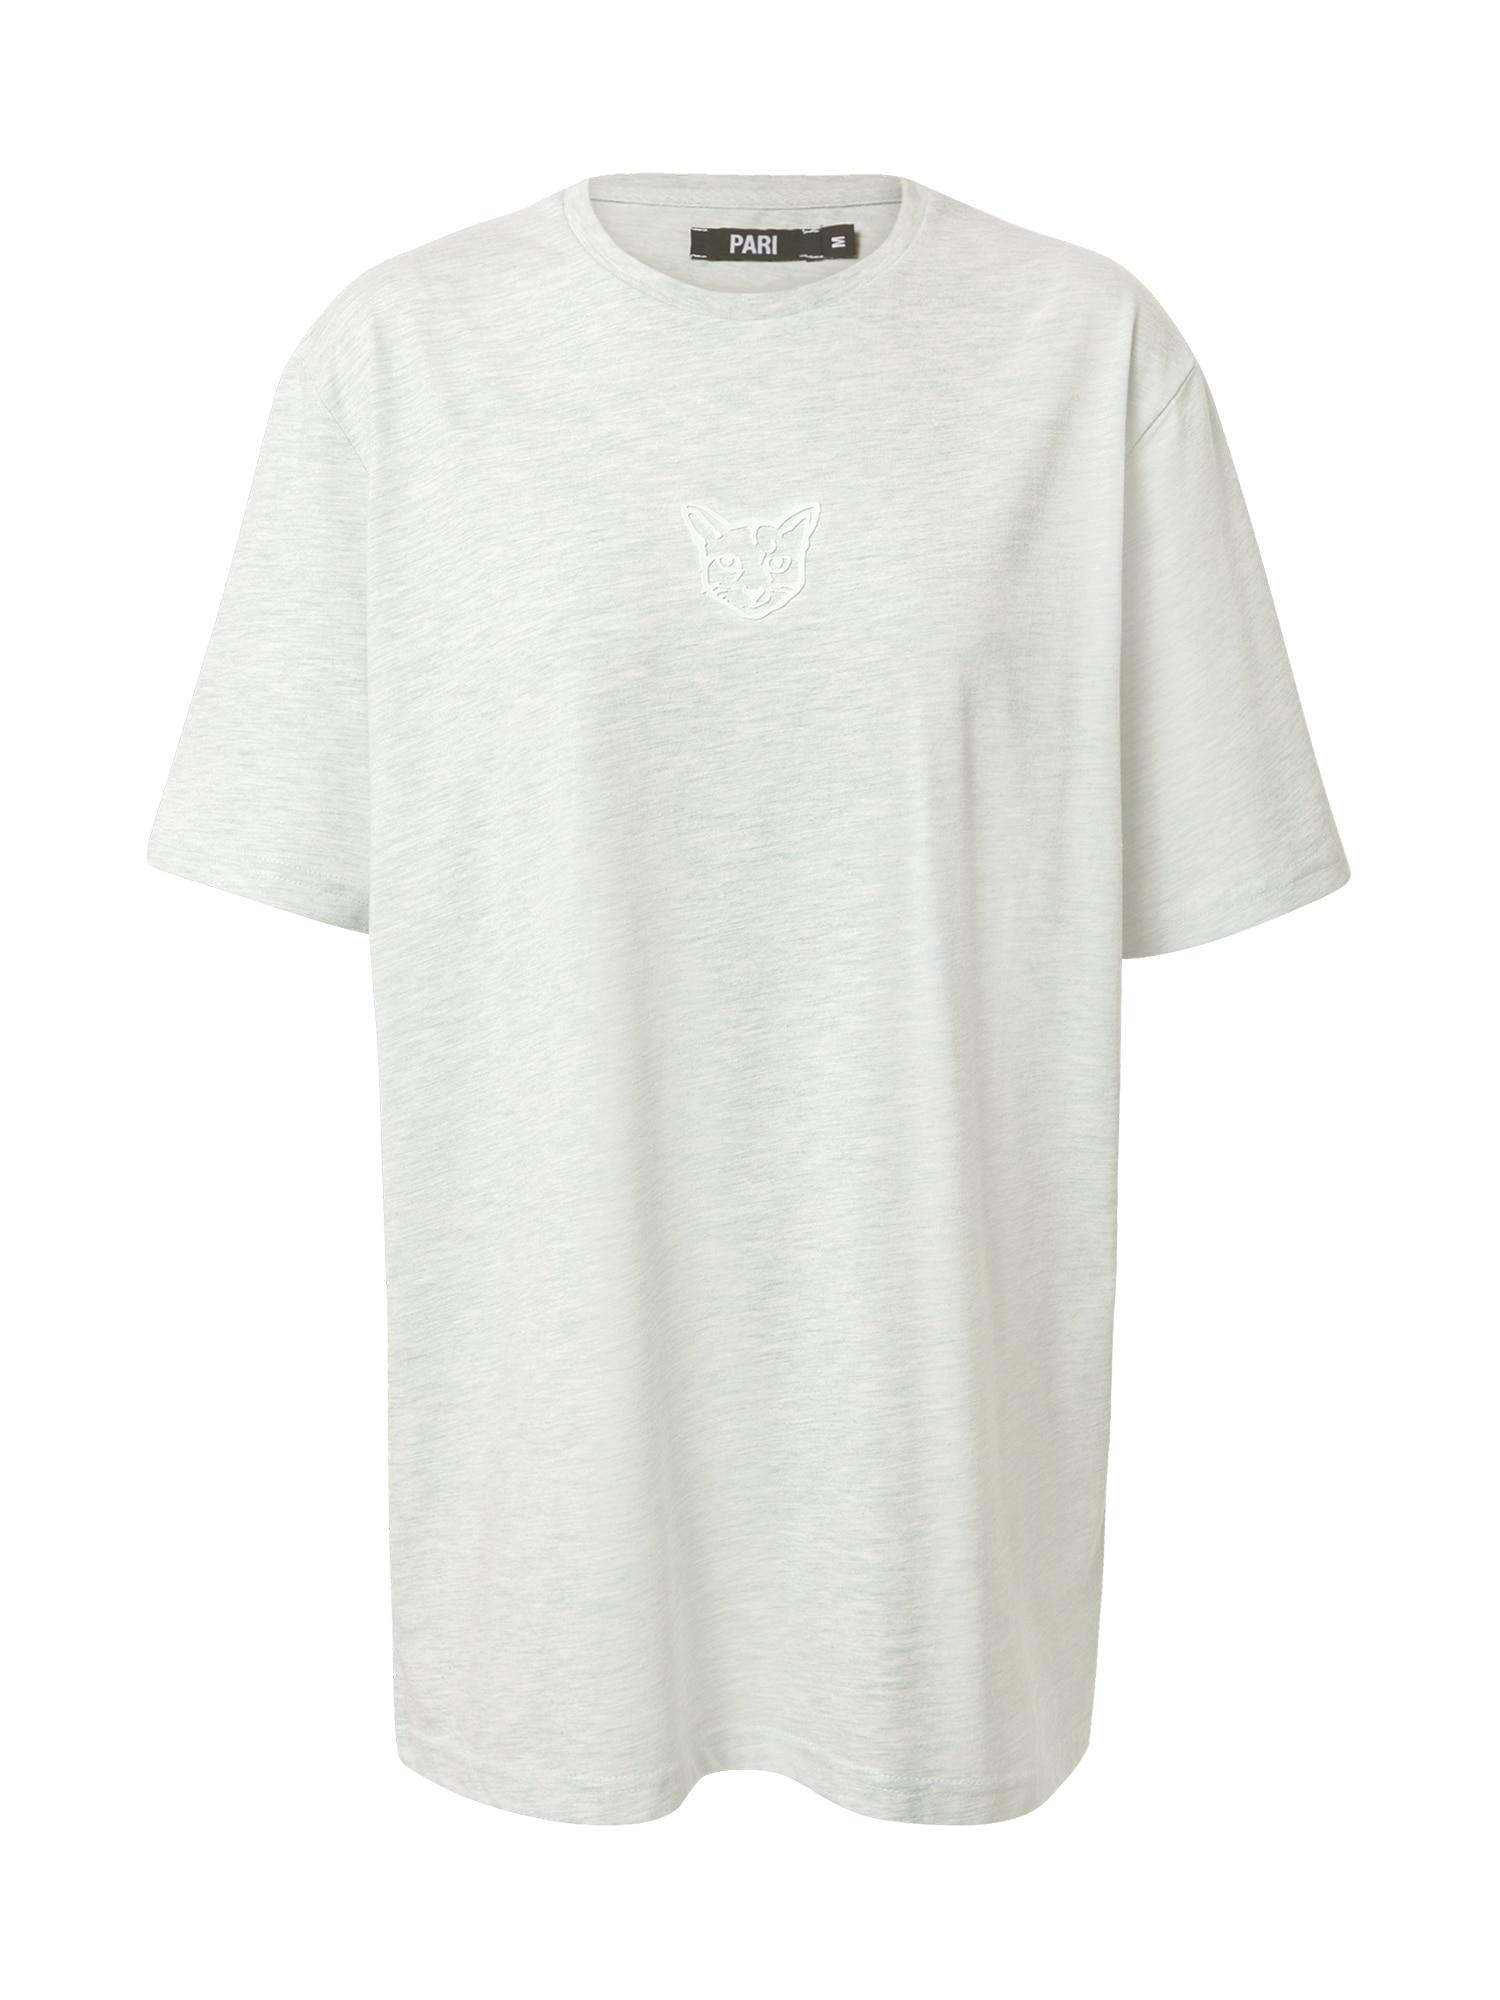 PARI Marškinėliai mėtų spalva